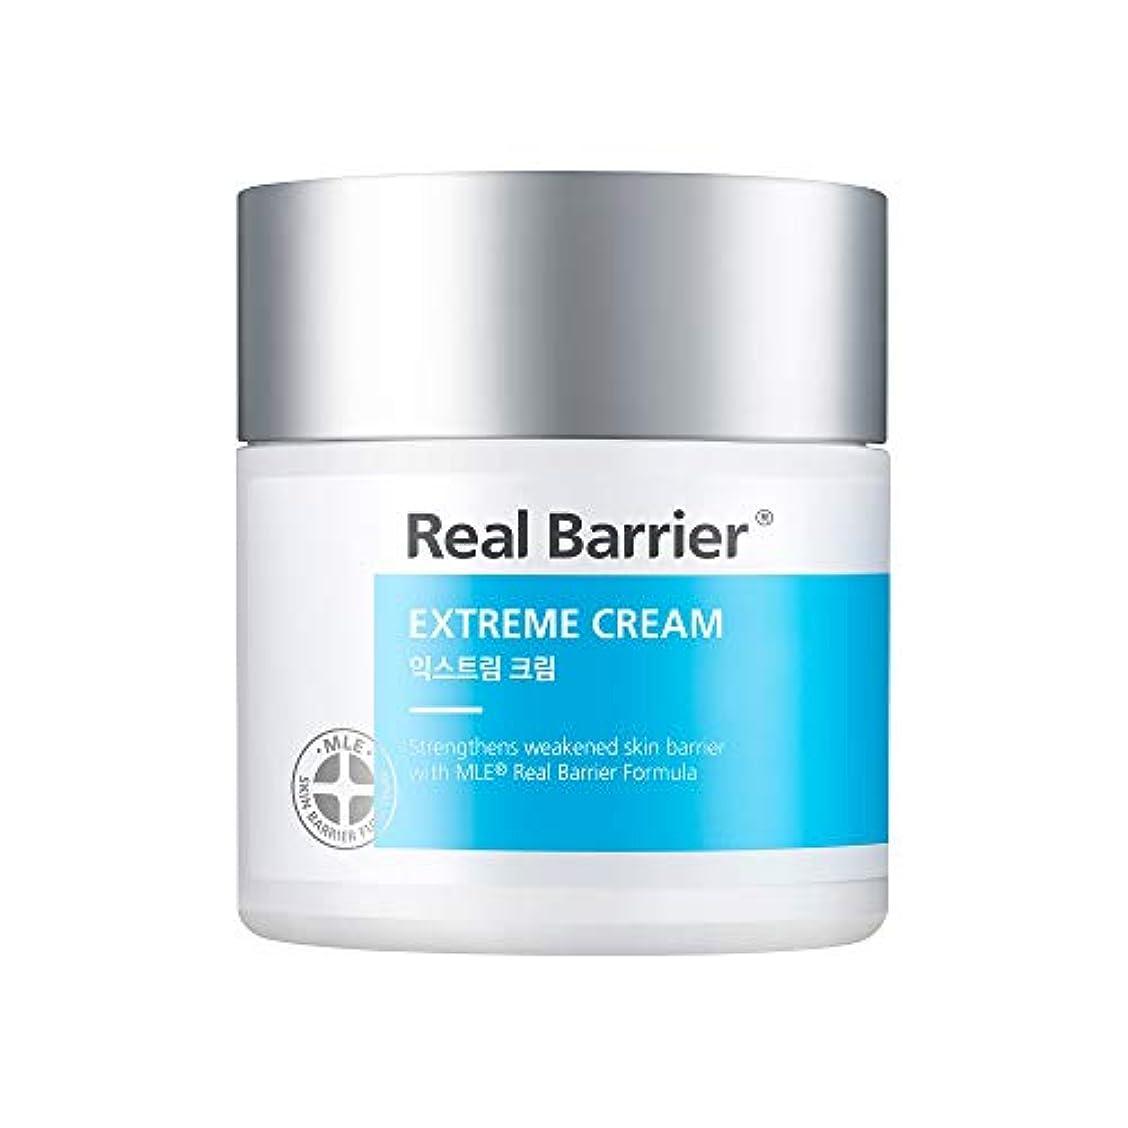 攻撃ギネス共和国アトパーム(atopalm) リアルベリアエクストリームクリーム/Atopam Real Barrier Extreme Cream